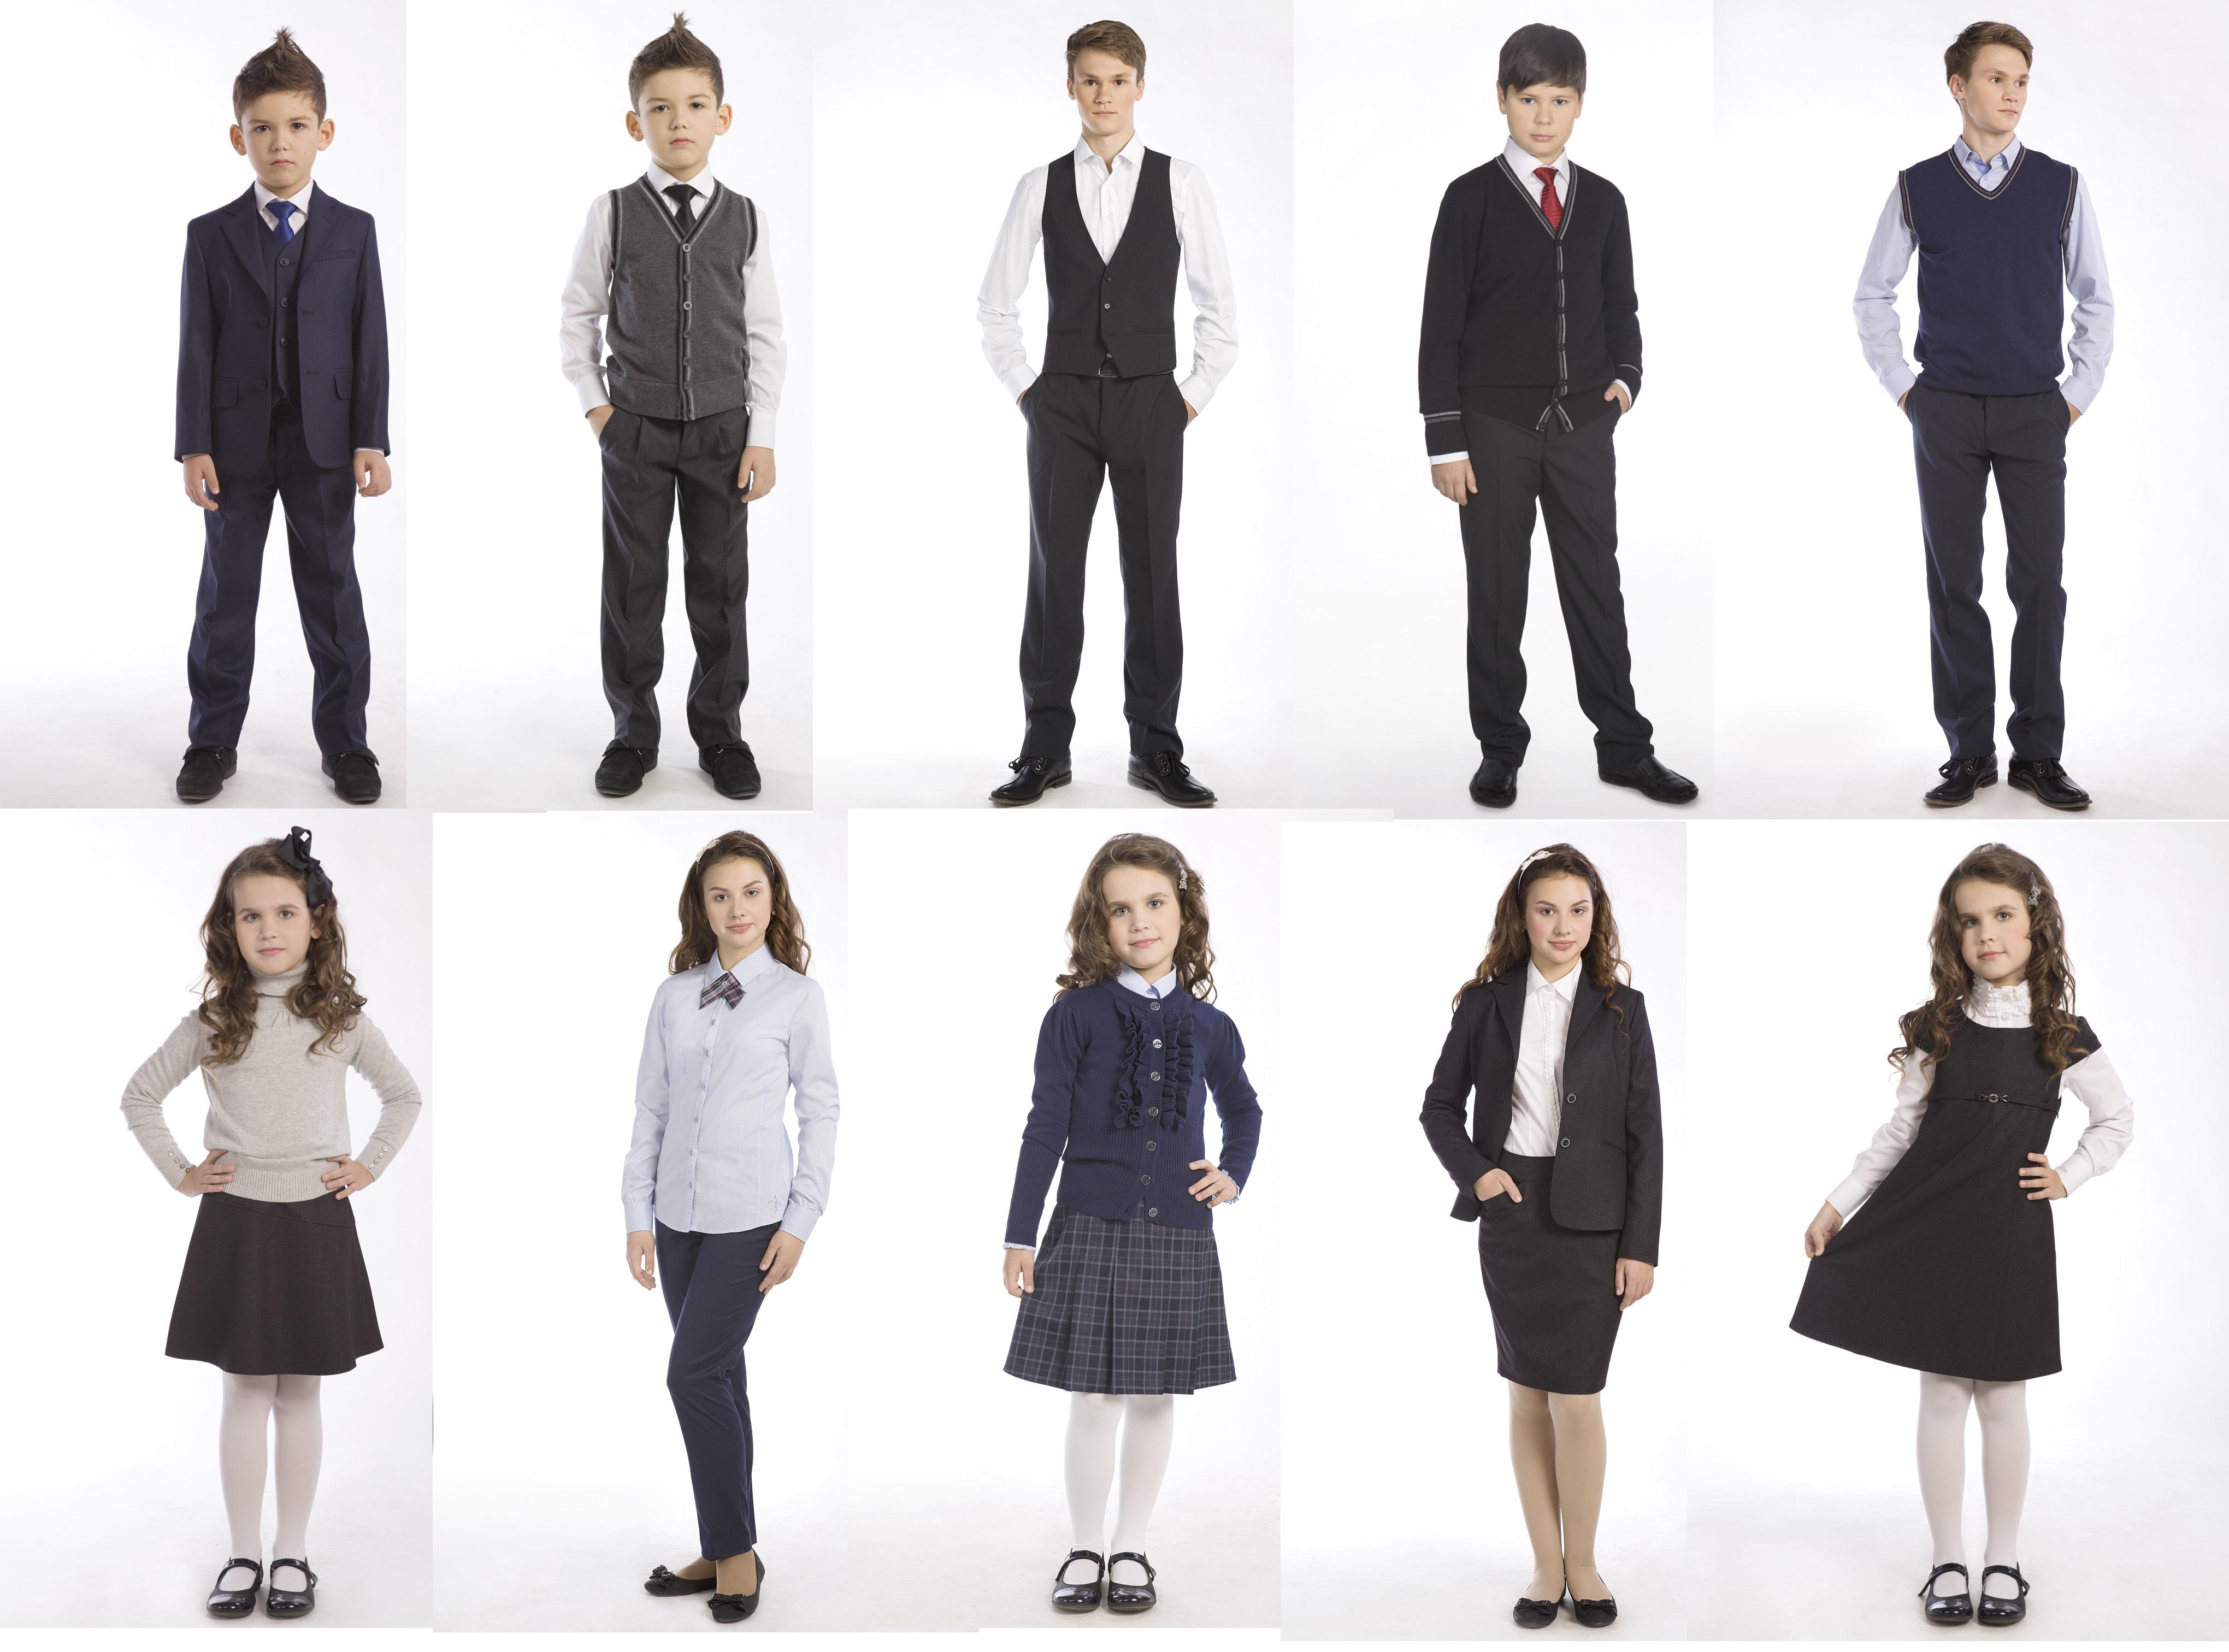 Школьная форма нового поколения! Костюмная группа и школьный трикотаж - жилеты, кардиганы, рубашки, блузки - 25. На рост от 116 до 188. Без рядов!